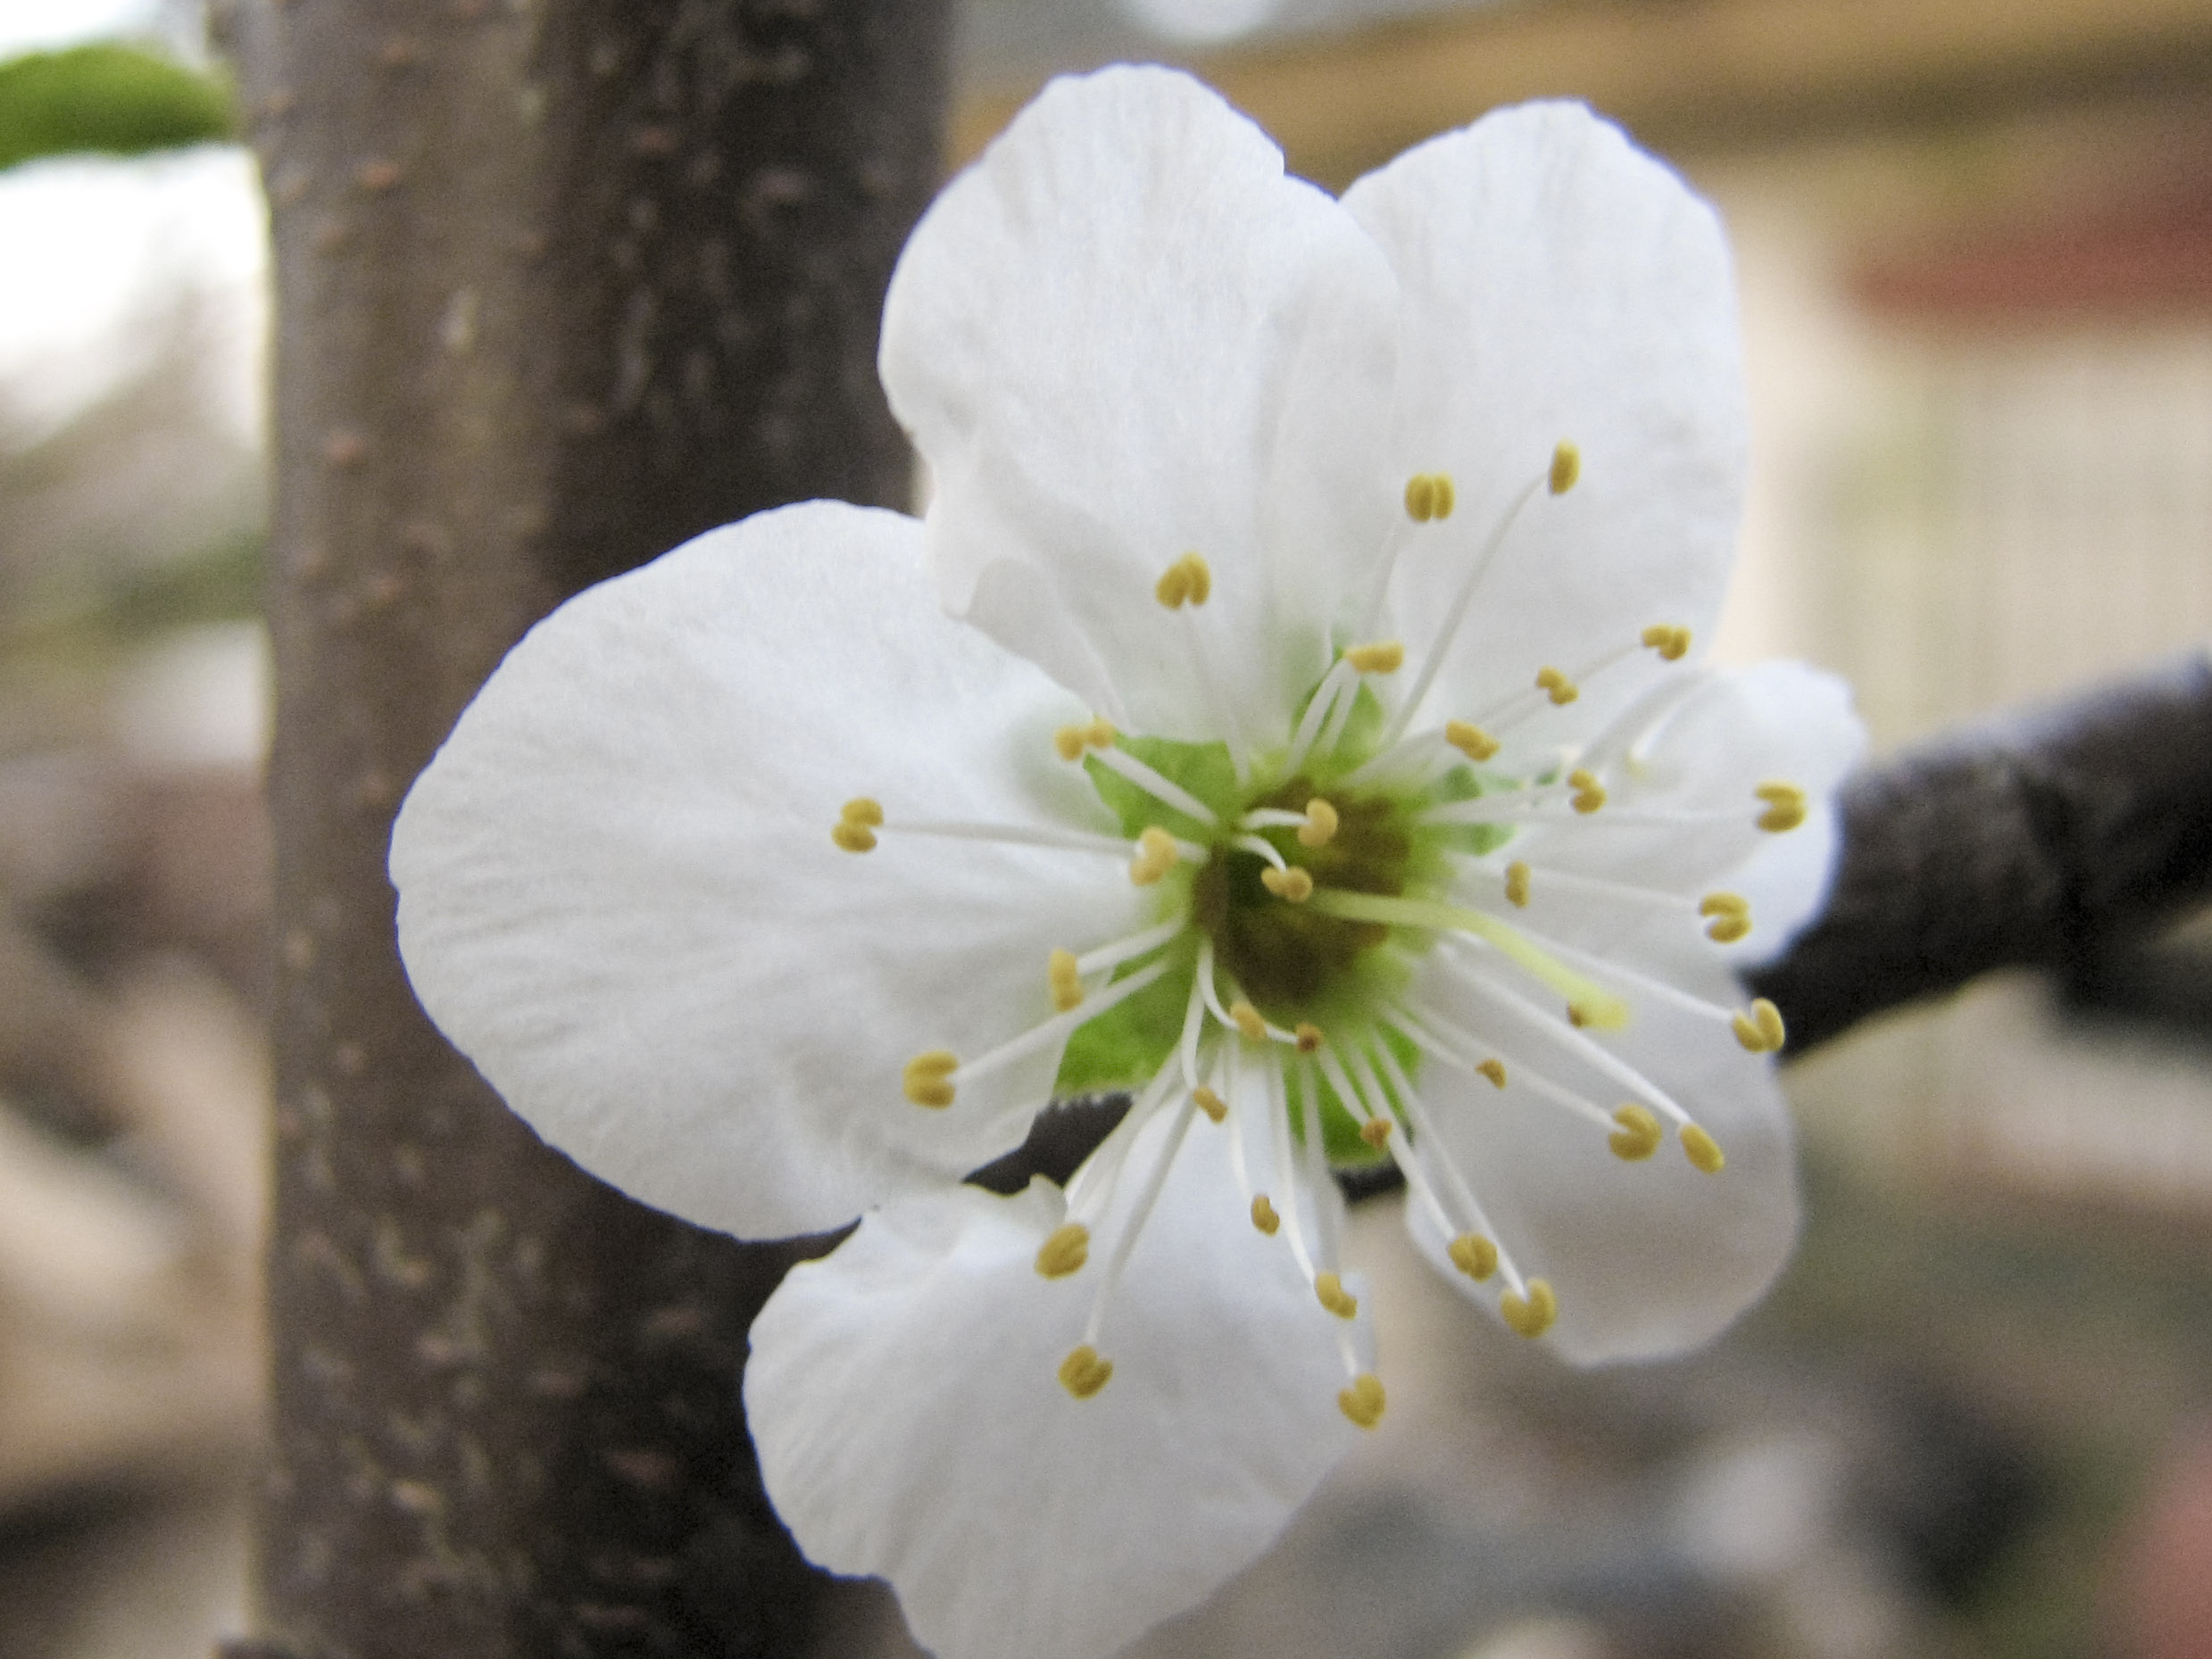 Free Photo Plum Flower Blossom Spring Sakura Tree Free